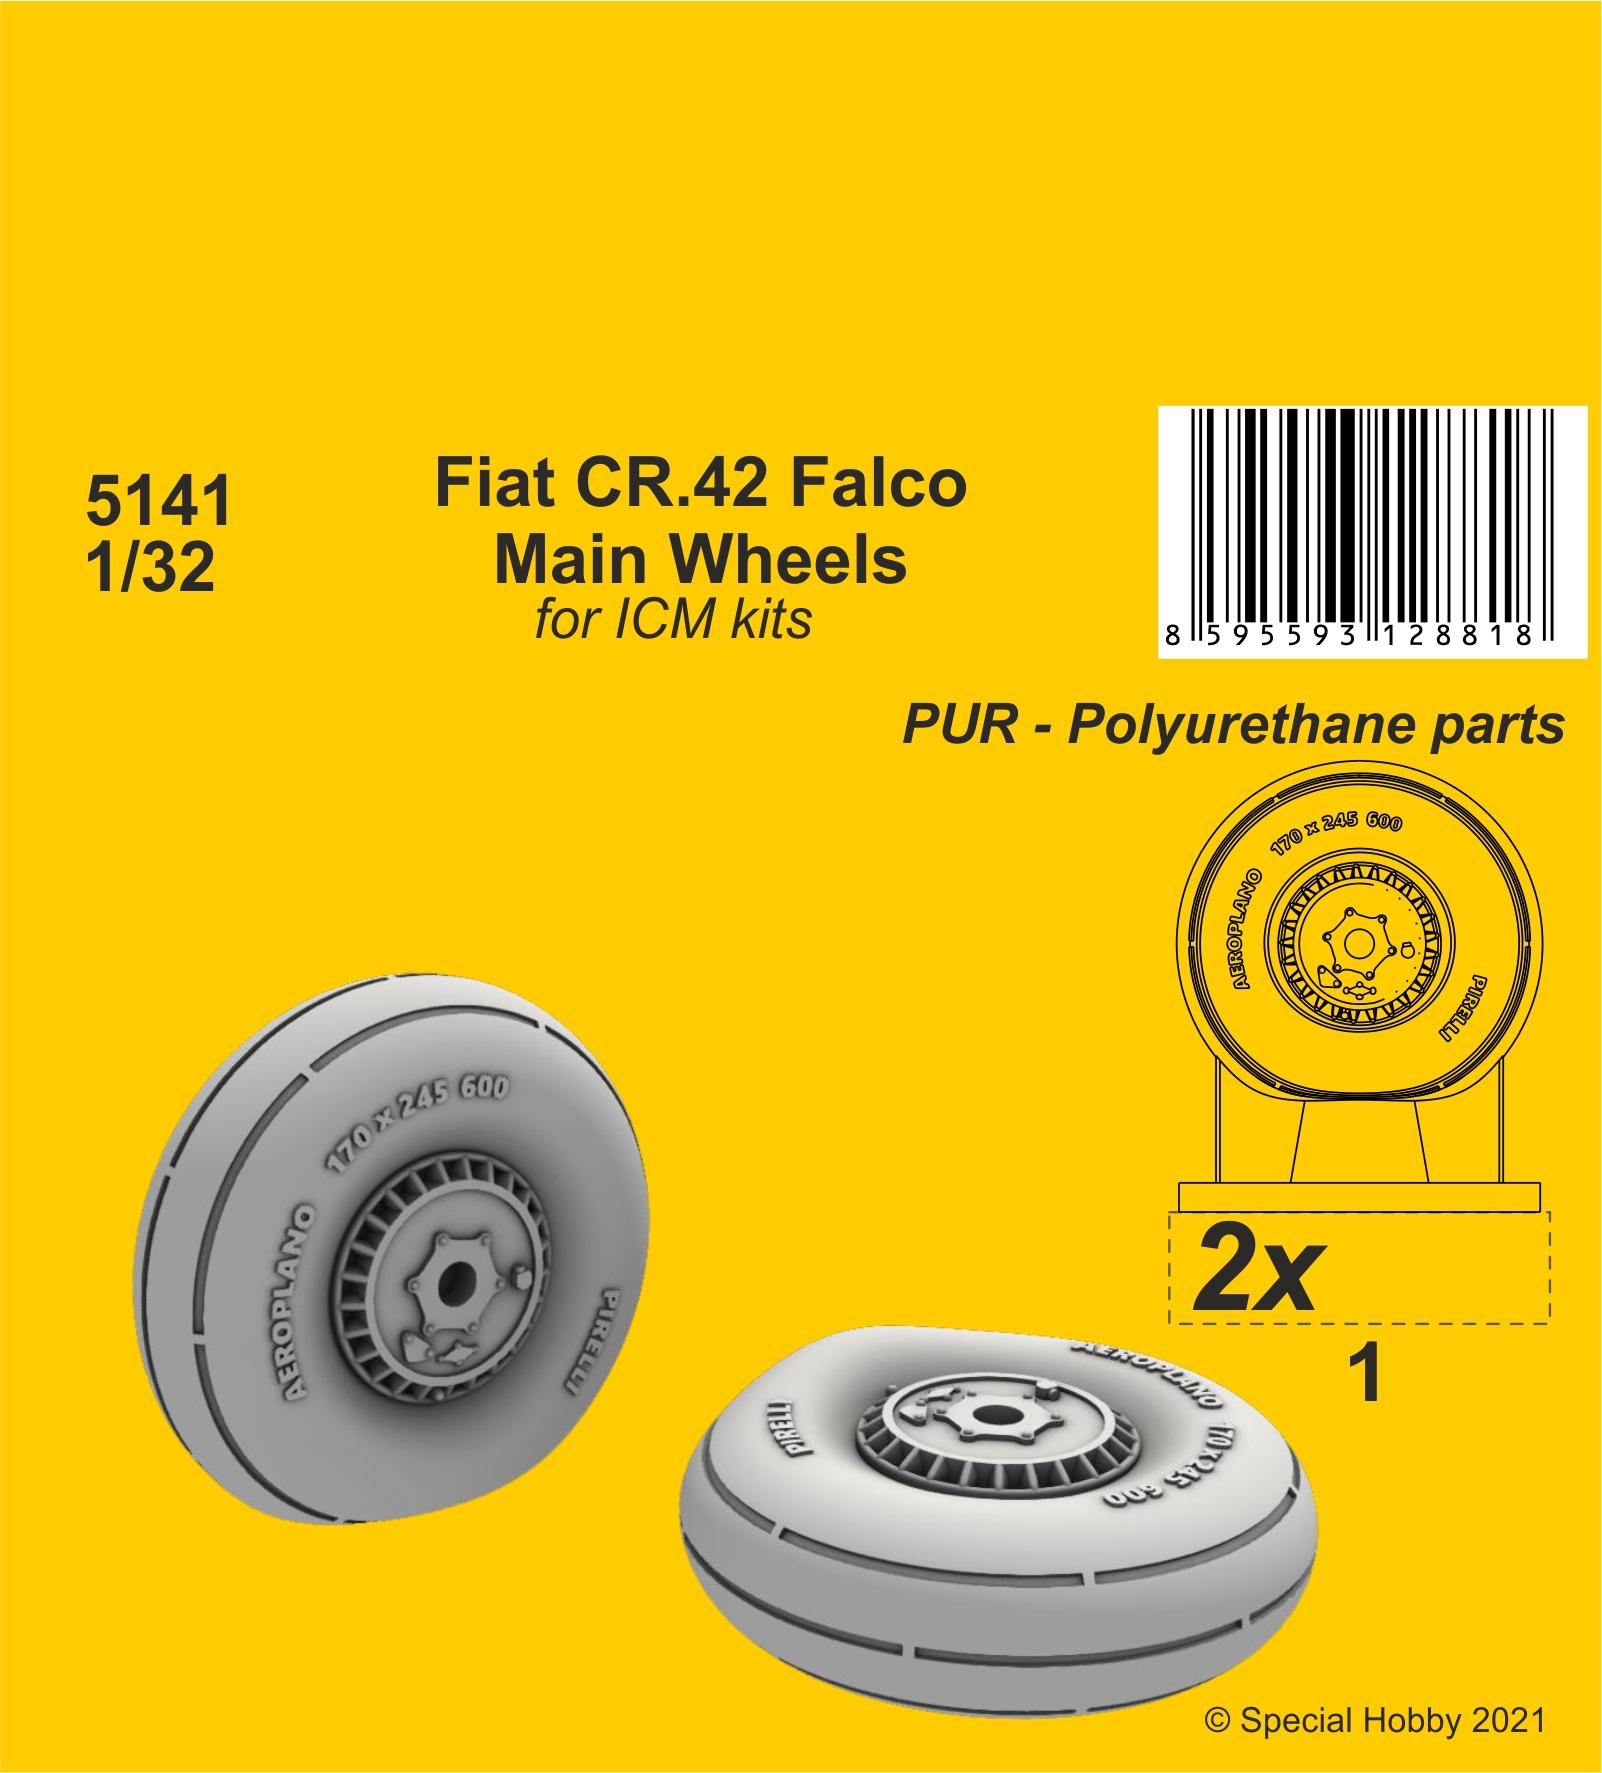 CMK 1/32 Fiat CR.42 Main Wheels (ICM kit)